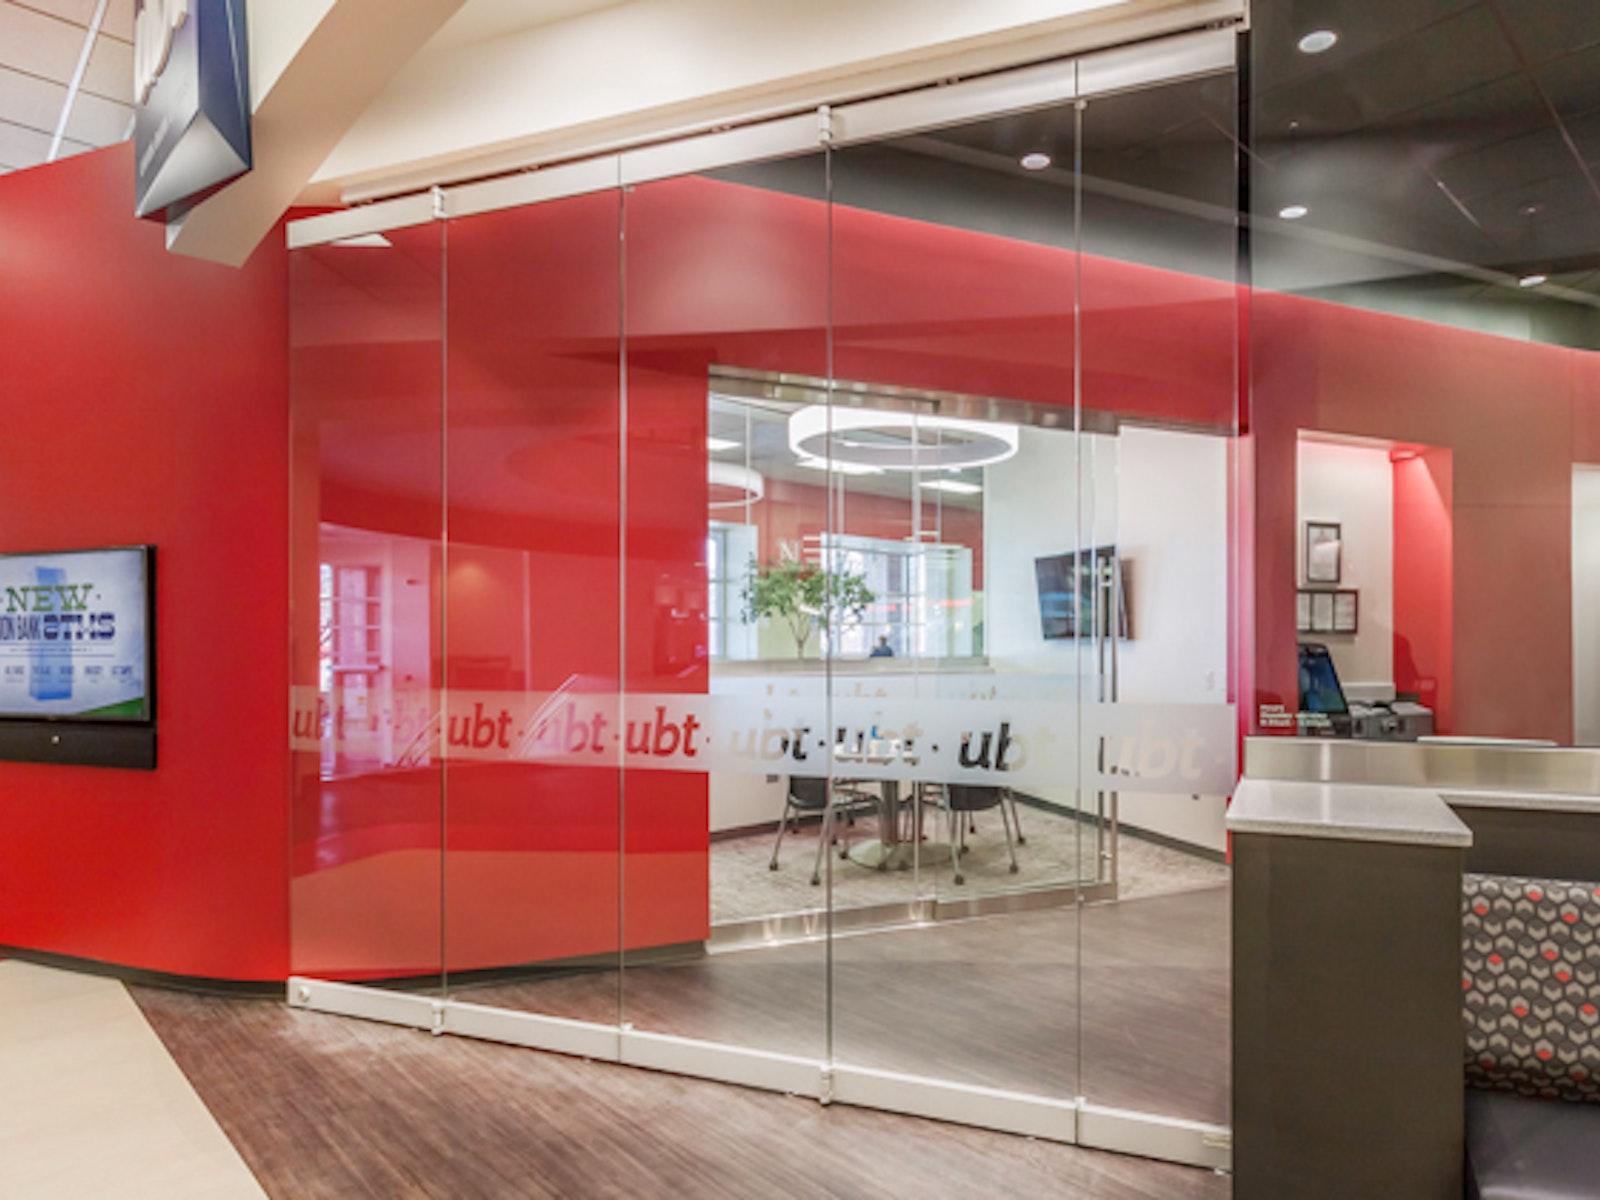 Center Pivot Frameless Glass Walls -features